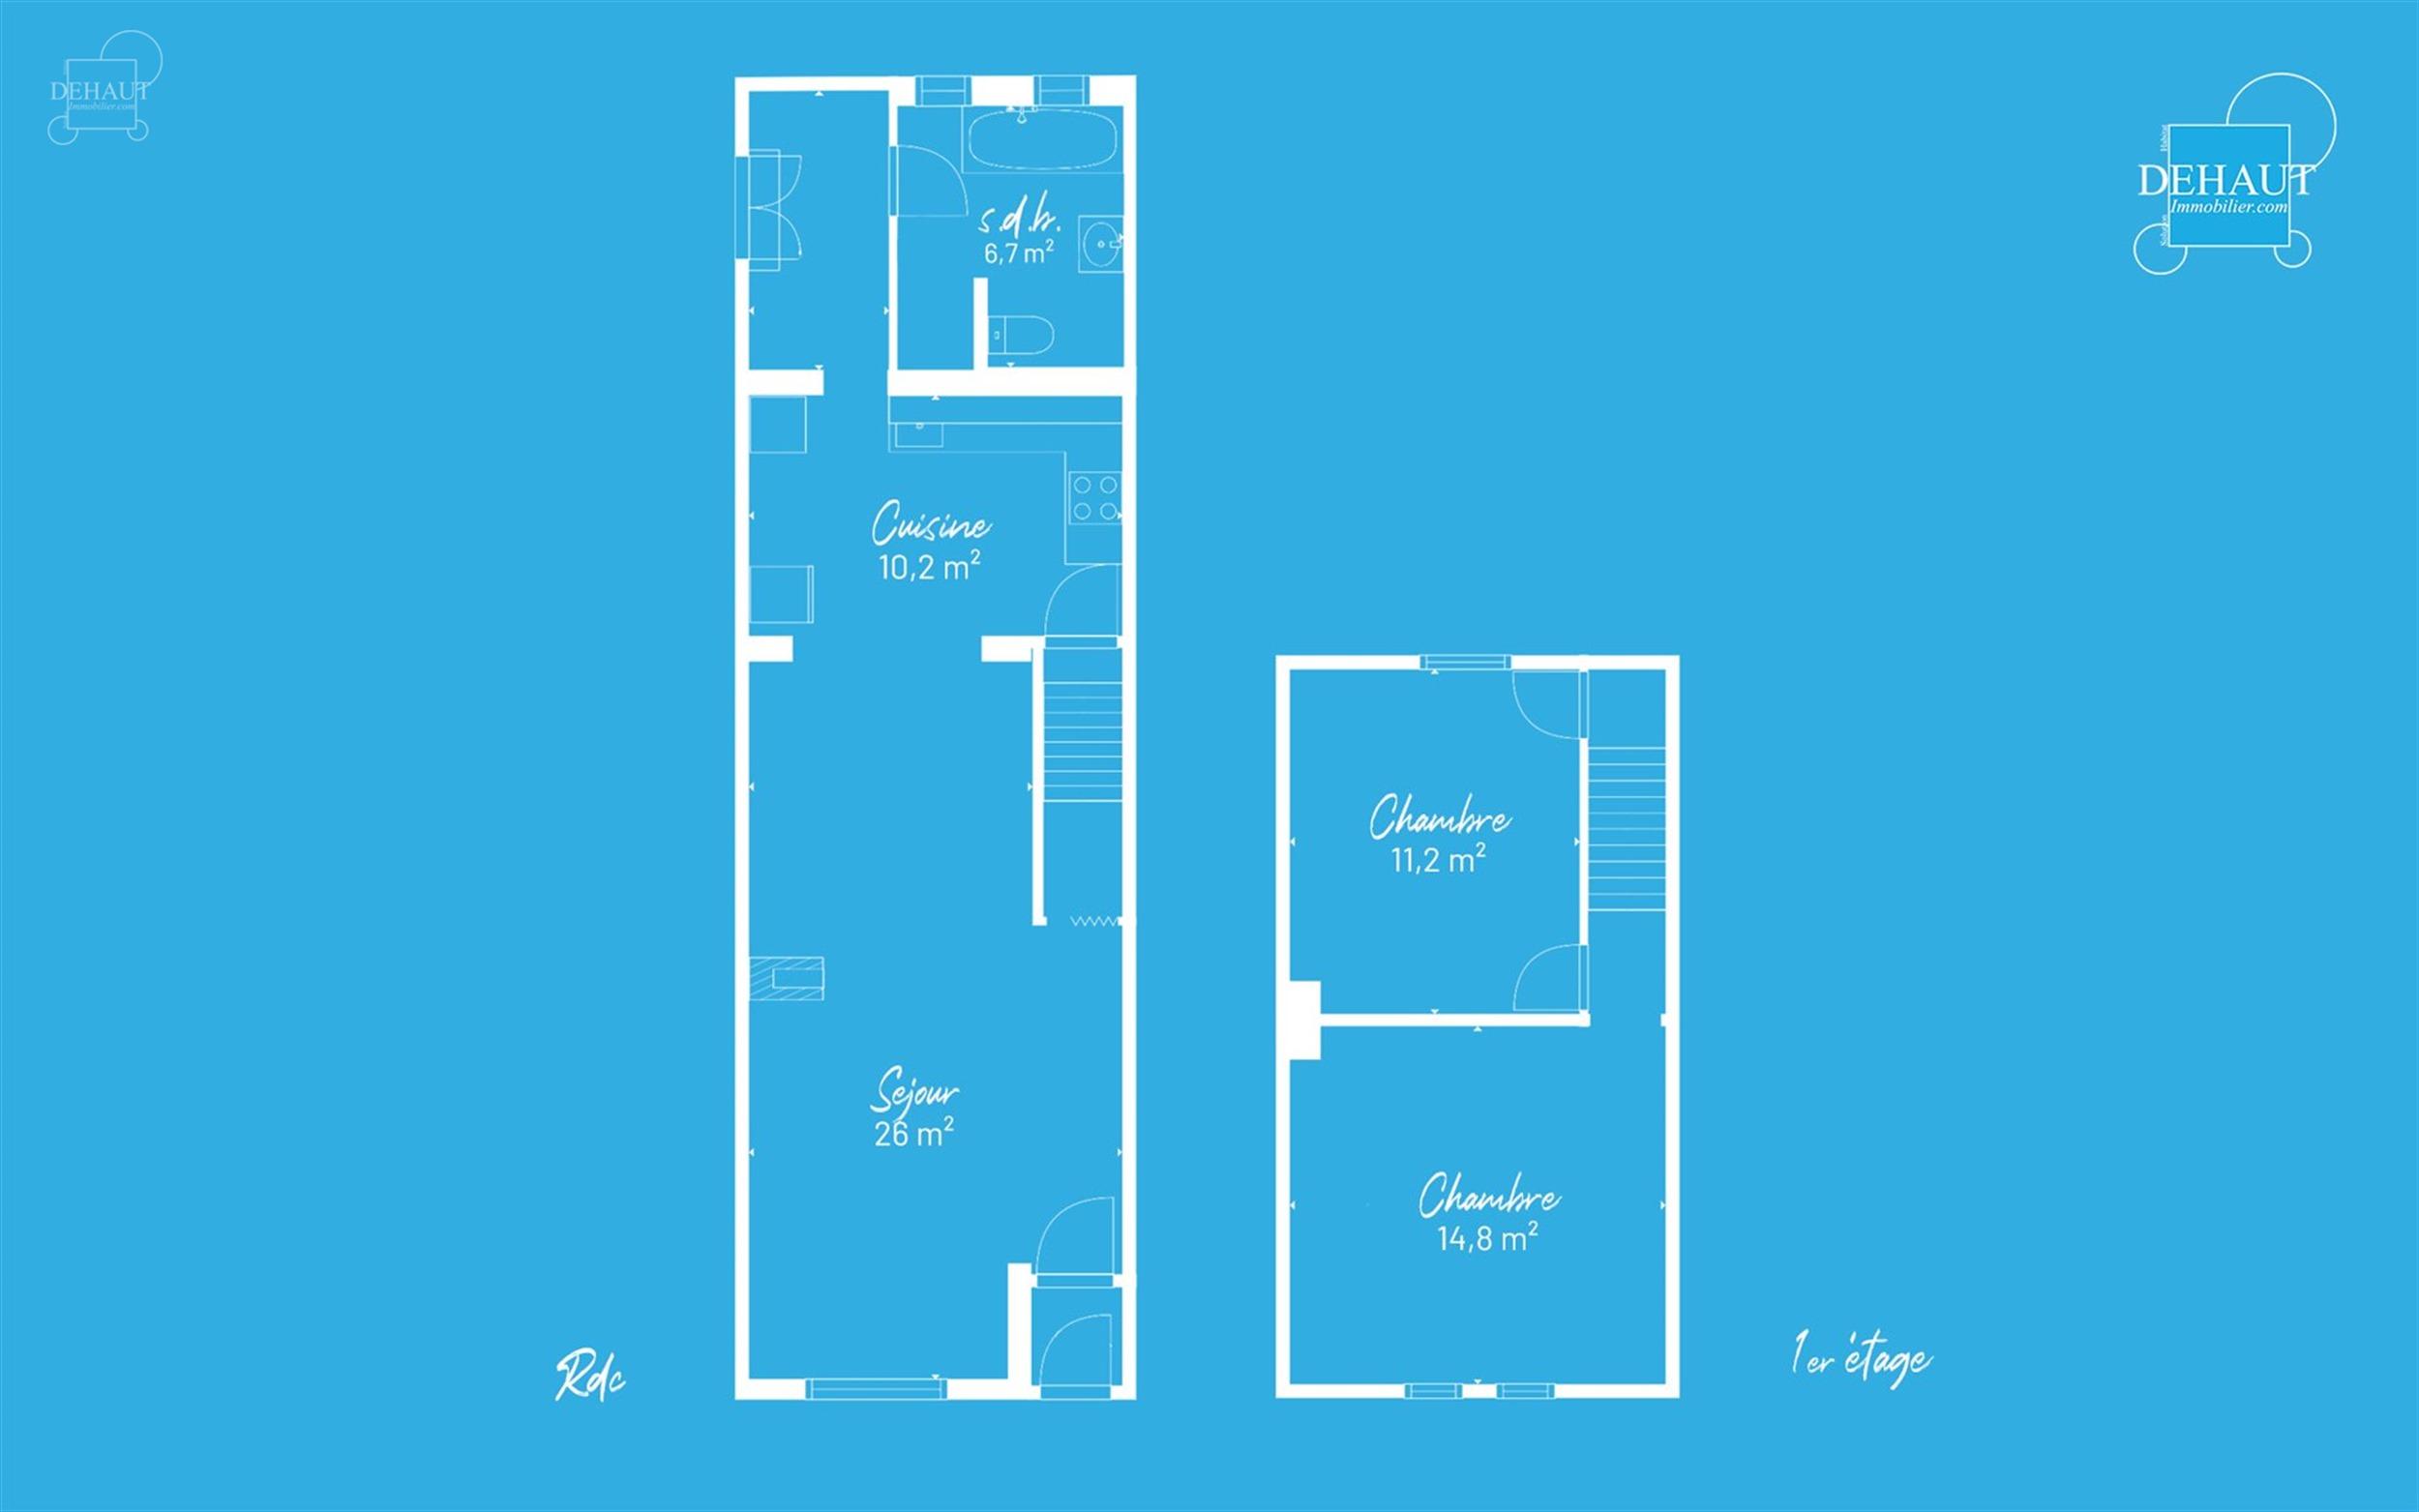 Maison de ville avec grand jardin comprenant au rez-de-chaussée : un séjour d'env. 26m², une cuisine semi-équipée, une salle de bain (à rénover...